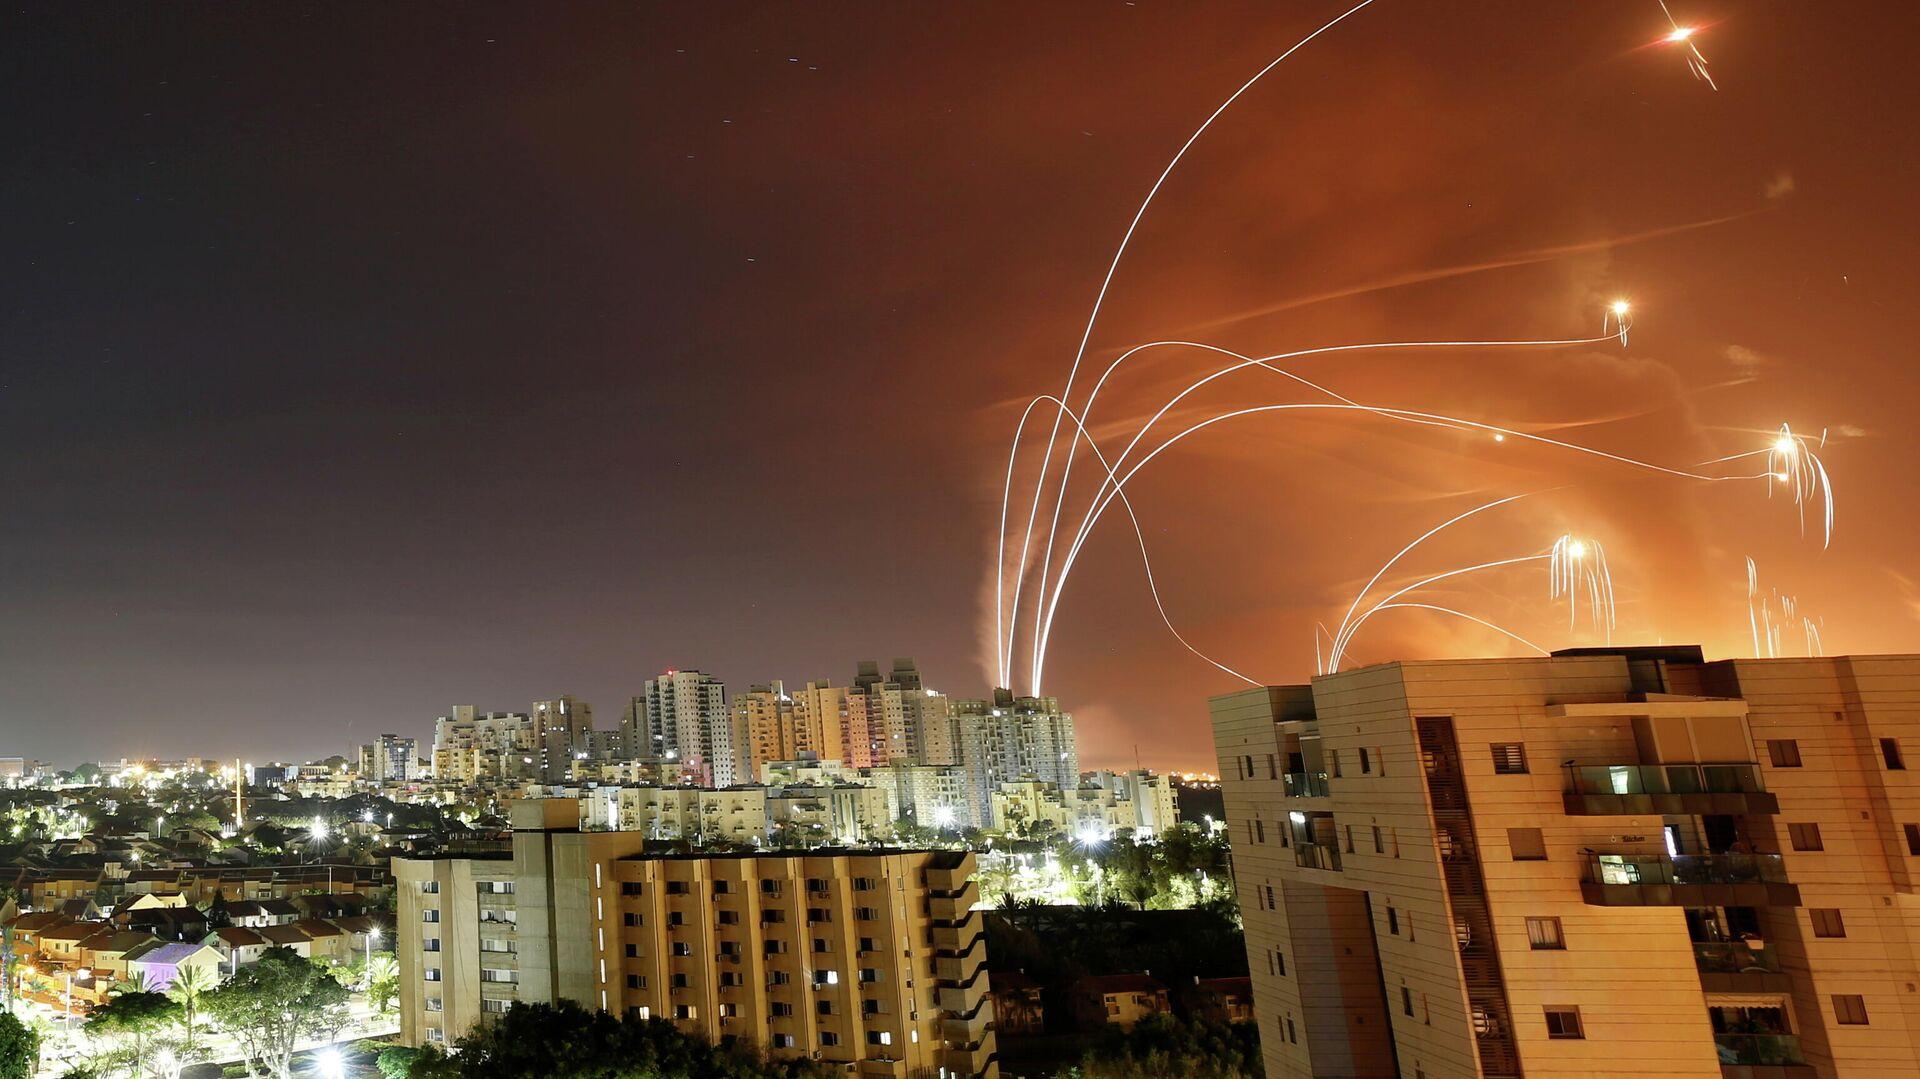 Ataques con cohetes desde el territorio palestino de Gaza contra instalaciones israelíes - Sputnik Mundo, 1920, 12.05.2021